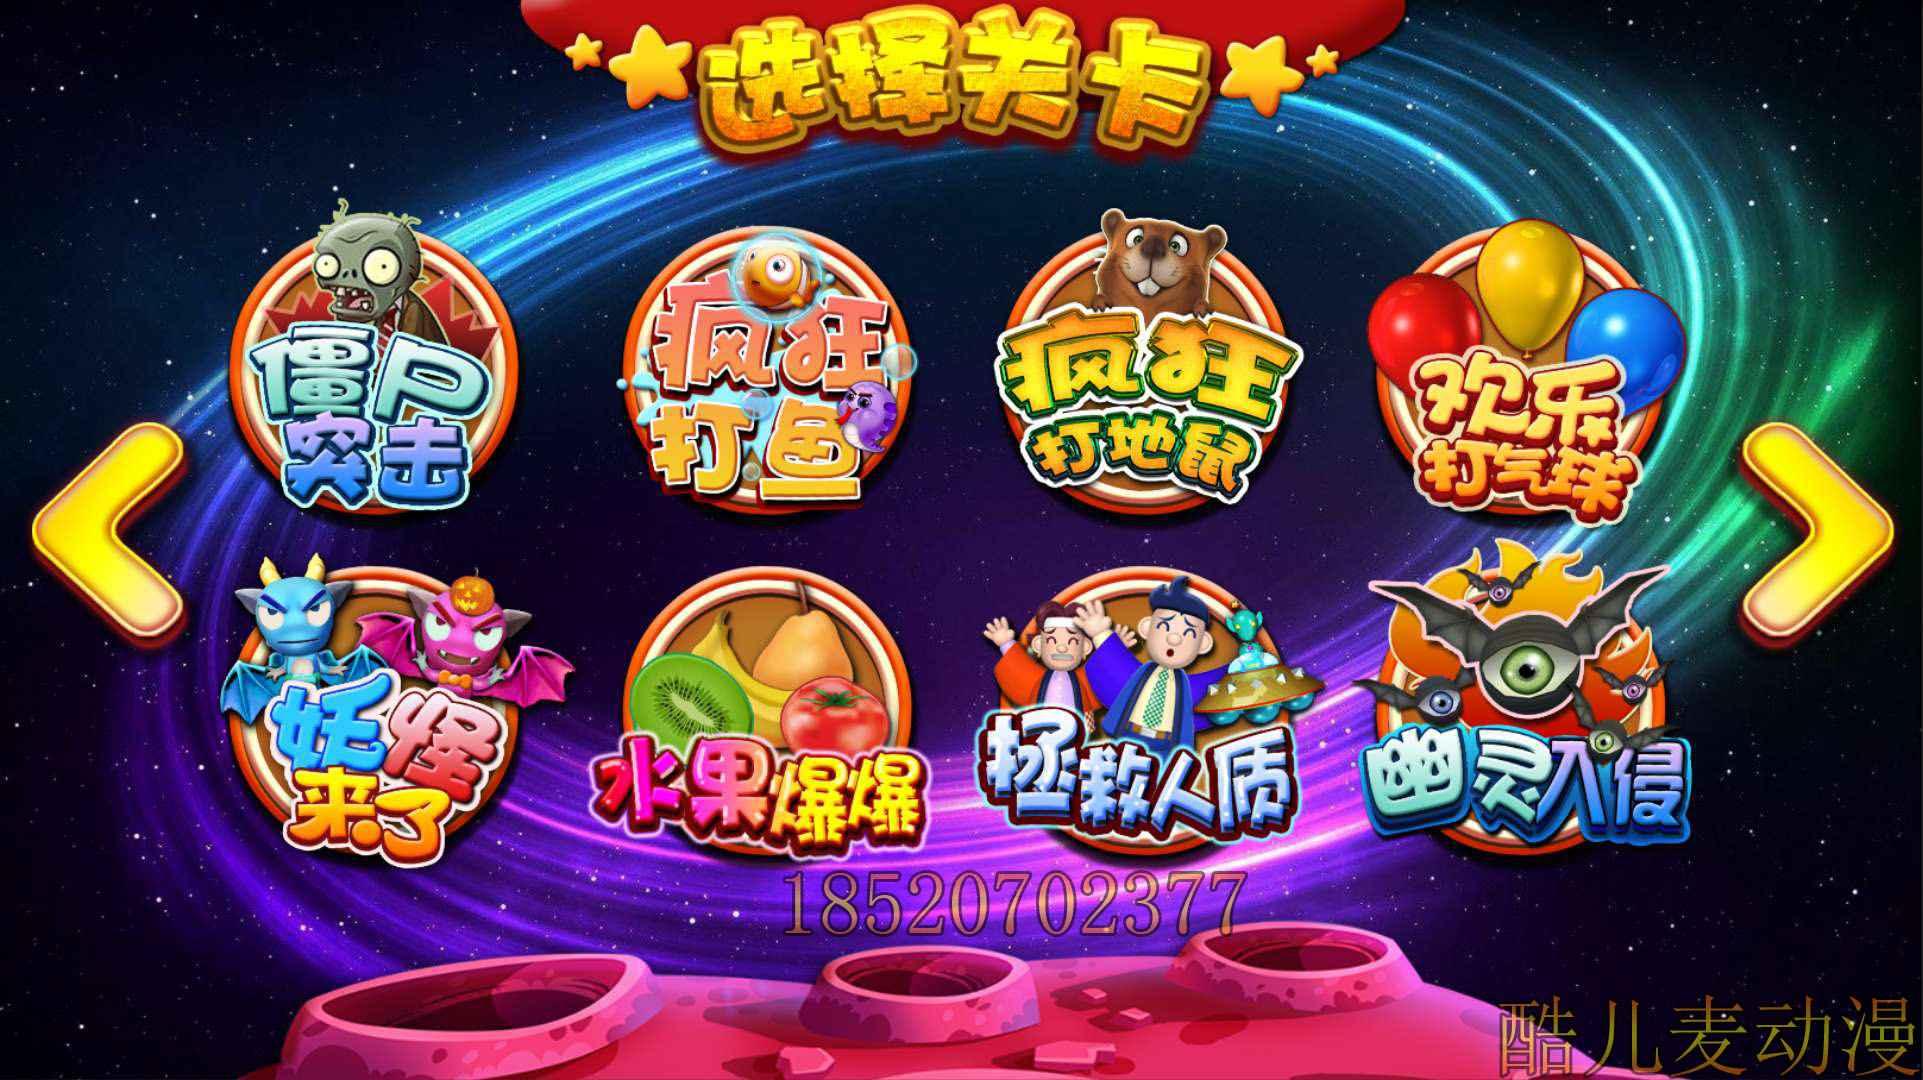 广州好用的投影互动砸球游乐设备-互动投影多少钱